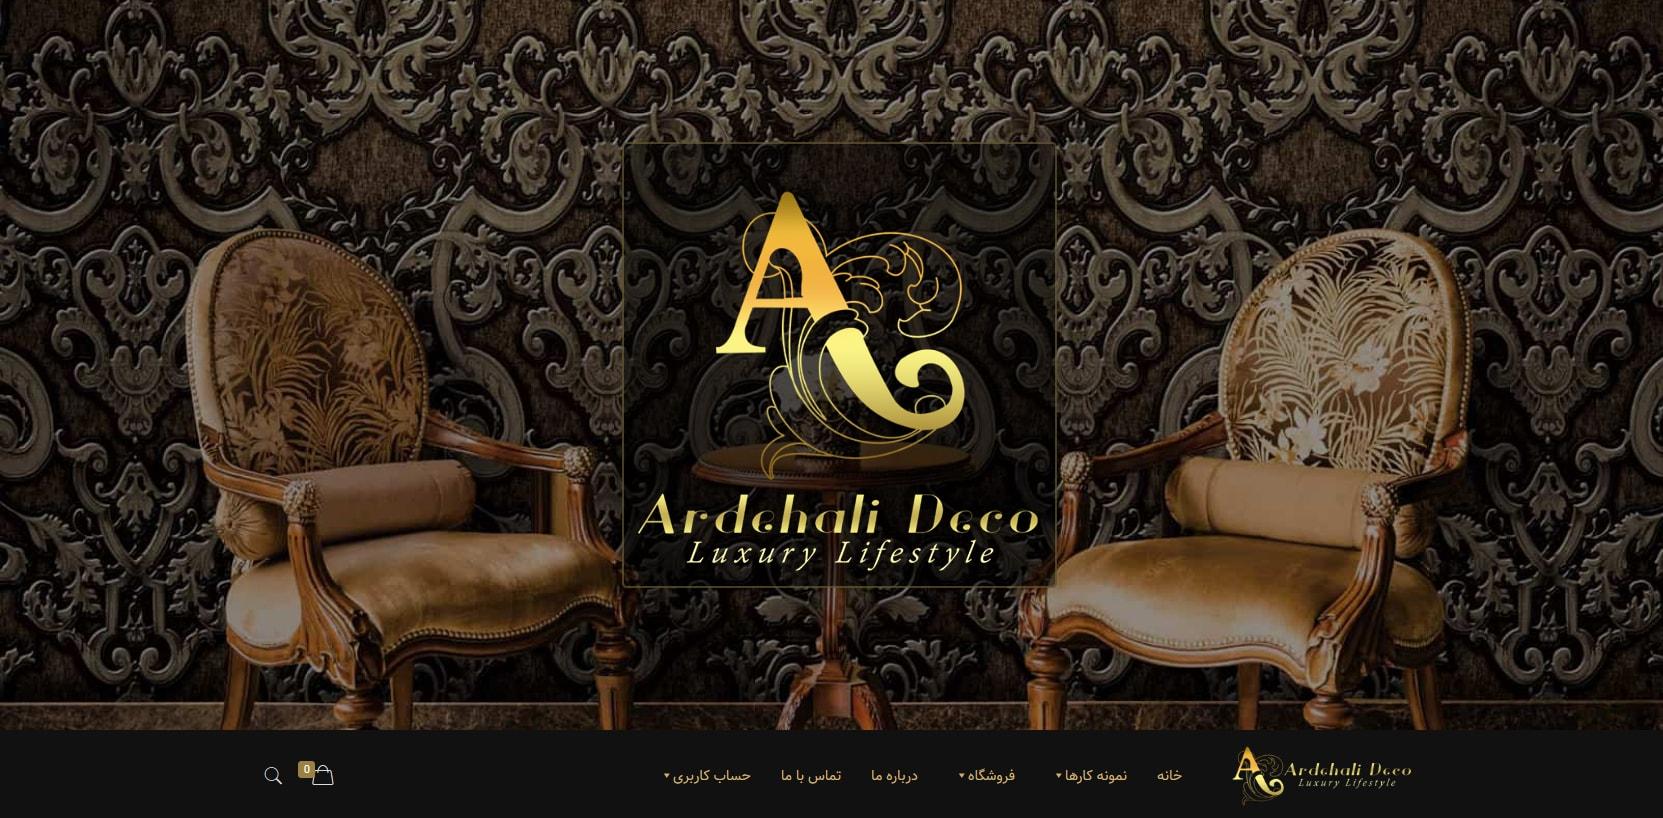 طراحی سایت فروشگاهی اردهالی دکو | شرکت طراحی تبلیغاتی کی نگار